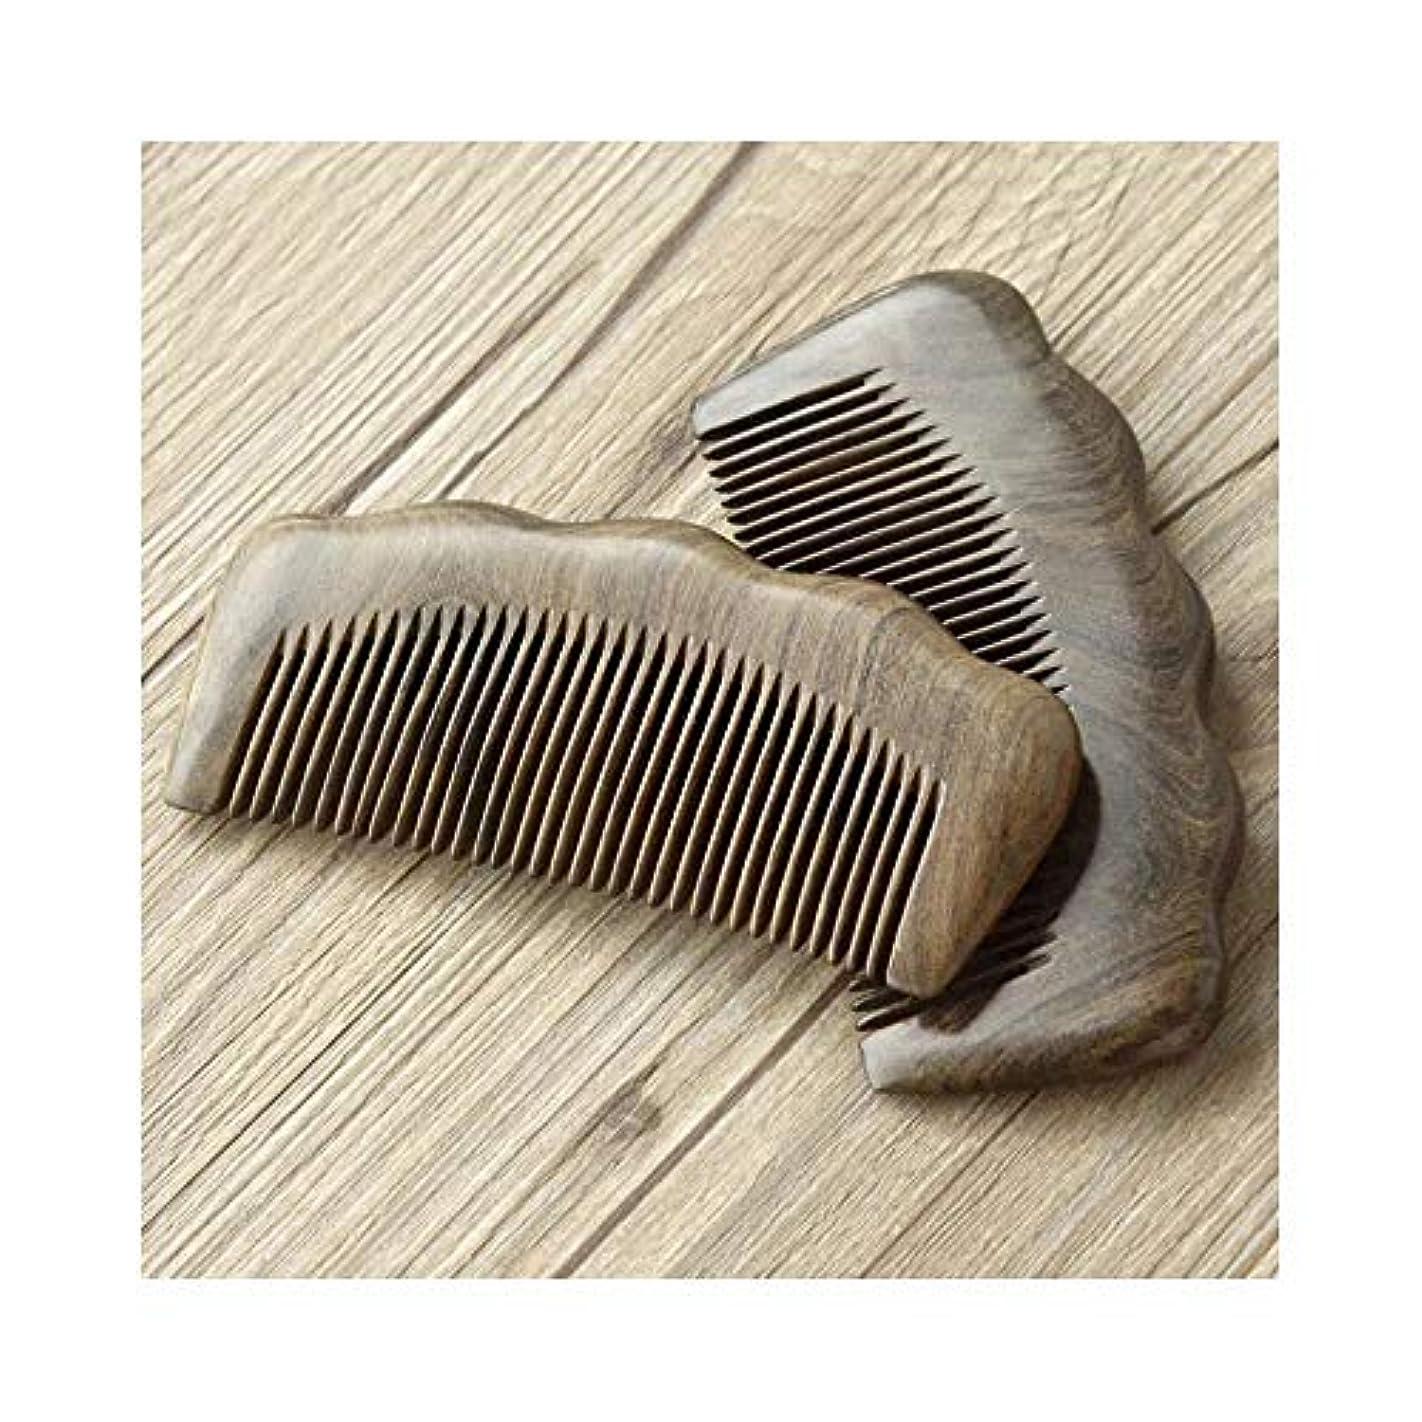 振る寛解領収書Fashianナチュラルサンダルウッドコーム - 全歯と手作りの木製くし静電気防止コーム ヘアケア (色 : 81247)